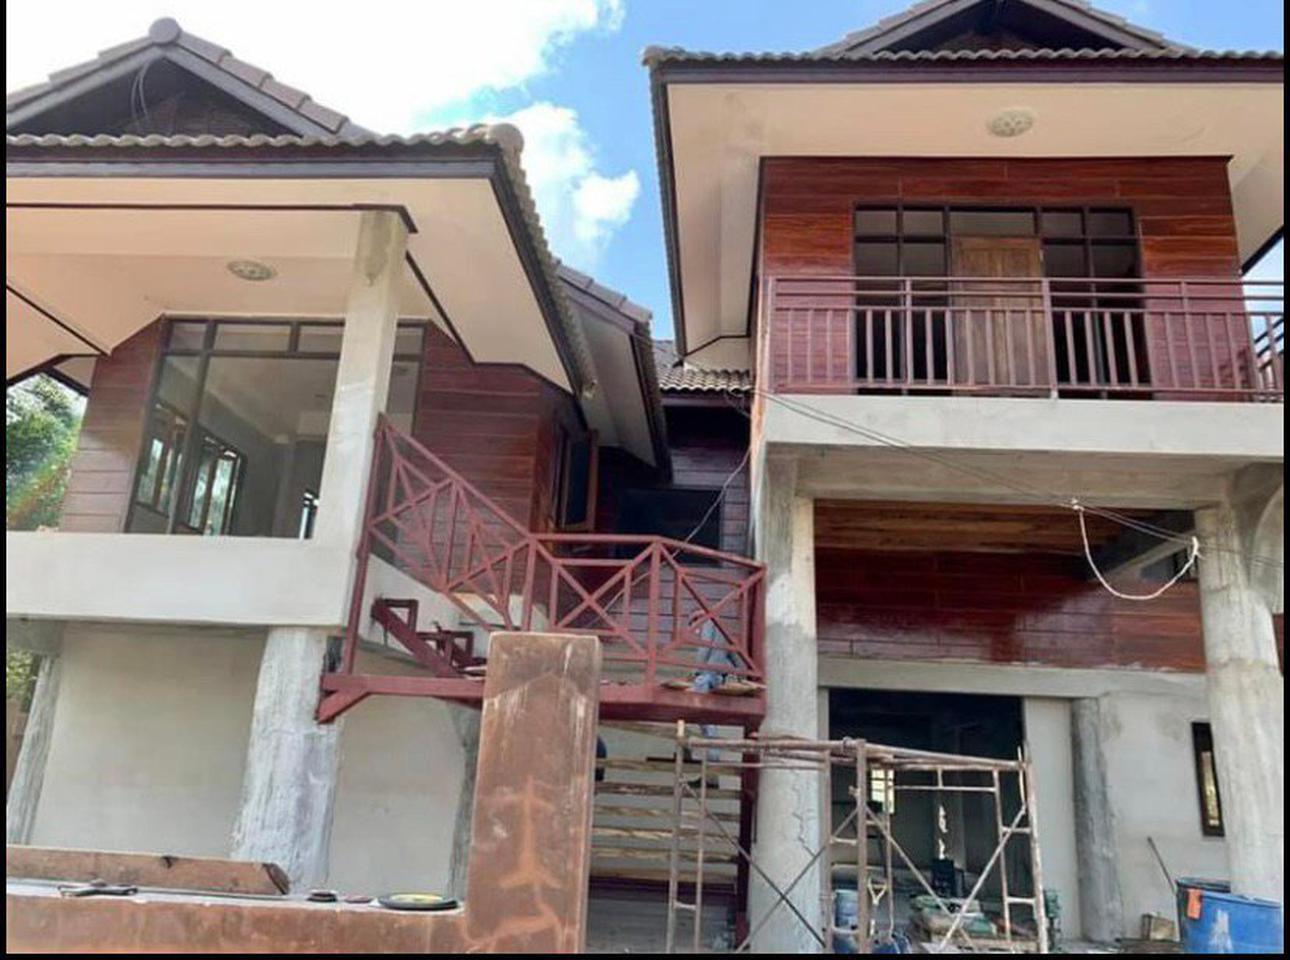 ขายบ้านเดี่ยว 2 ชั้นพัทยา  บ้านขายถูกใกล้เสร็จแล้ว ราคาขาย 3.9 ล้านบาท รูปที่ 5